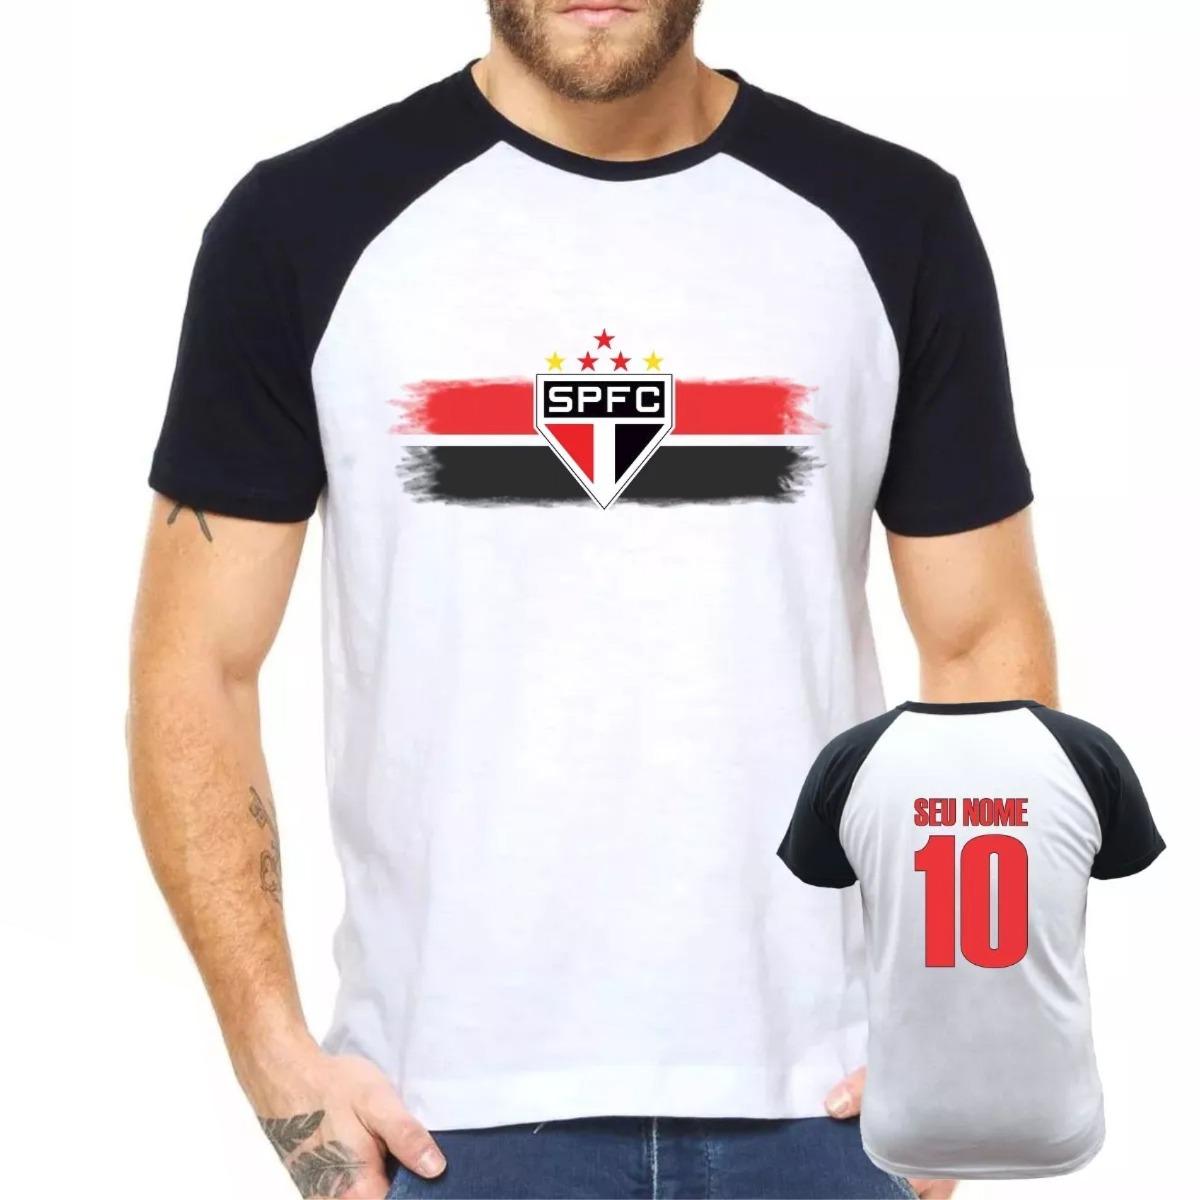 87437b0416 camisa raglan são paulo futebol personalizada com nome. Carregando zoom.